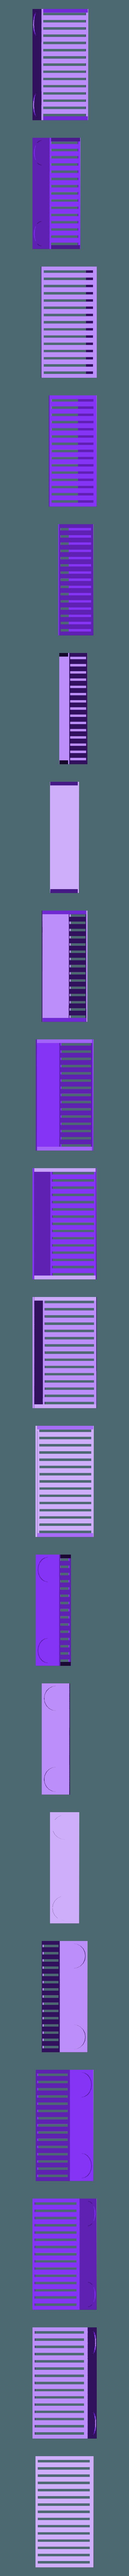 Whiteboard_Mount.stl Télécharger fichier STL gratuit Plateau magnétique pour tableau blanc • Design à imprimer en 3D, MakerMathieu